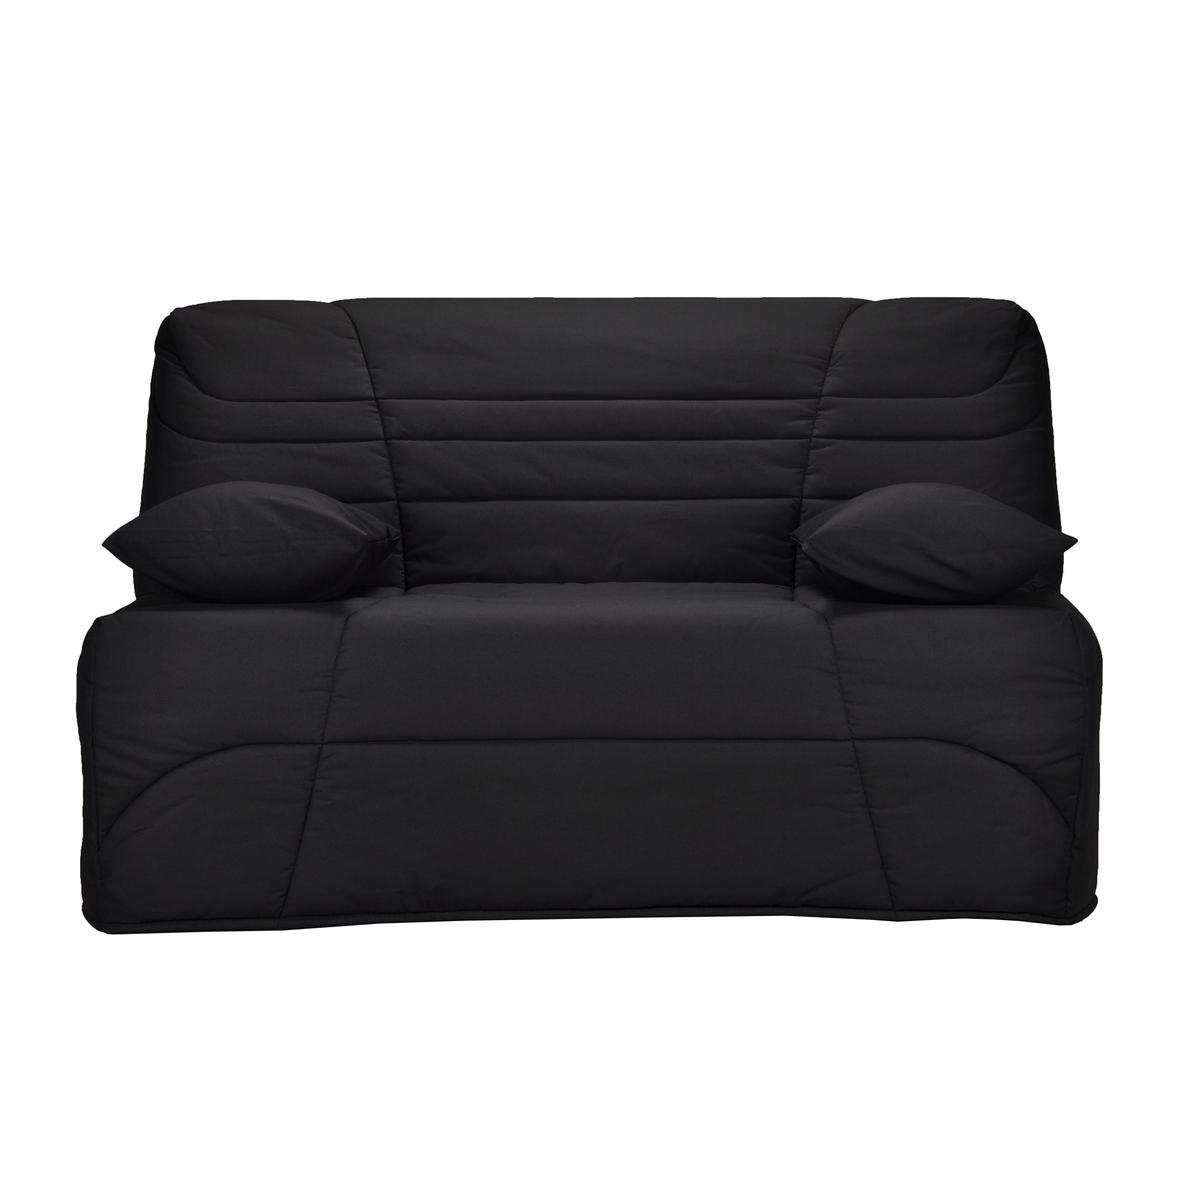 Чехол стеганый для дивана-книжки, толщина 9 см